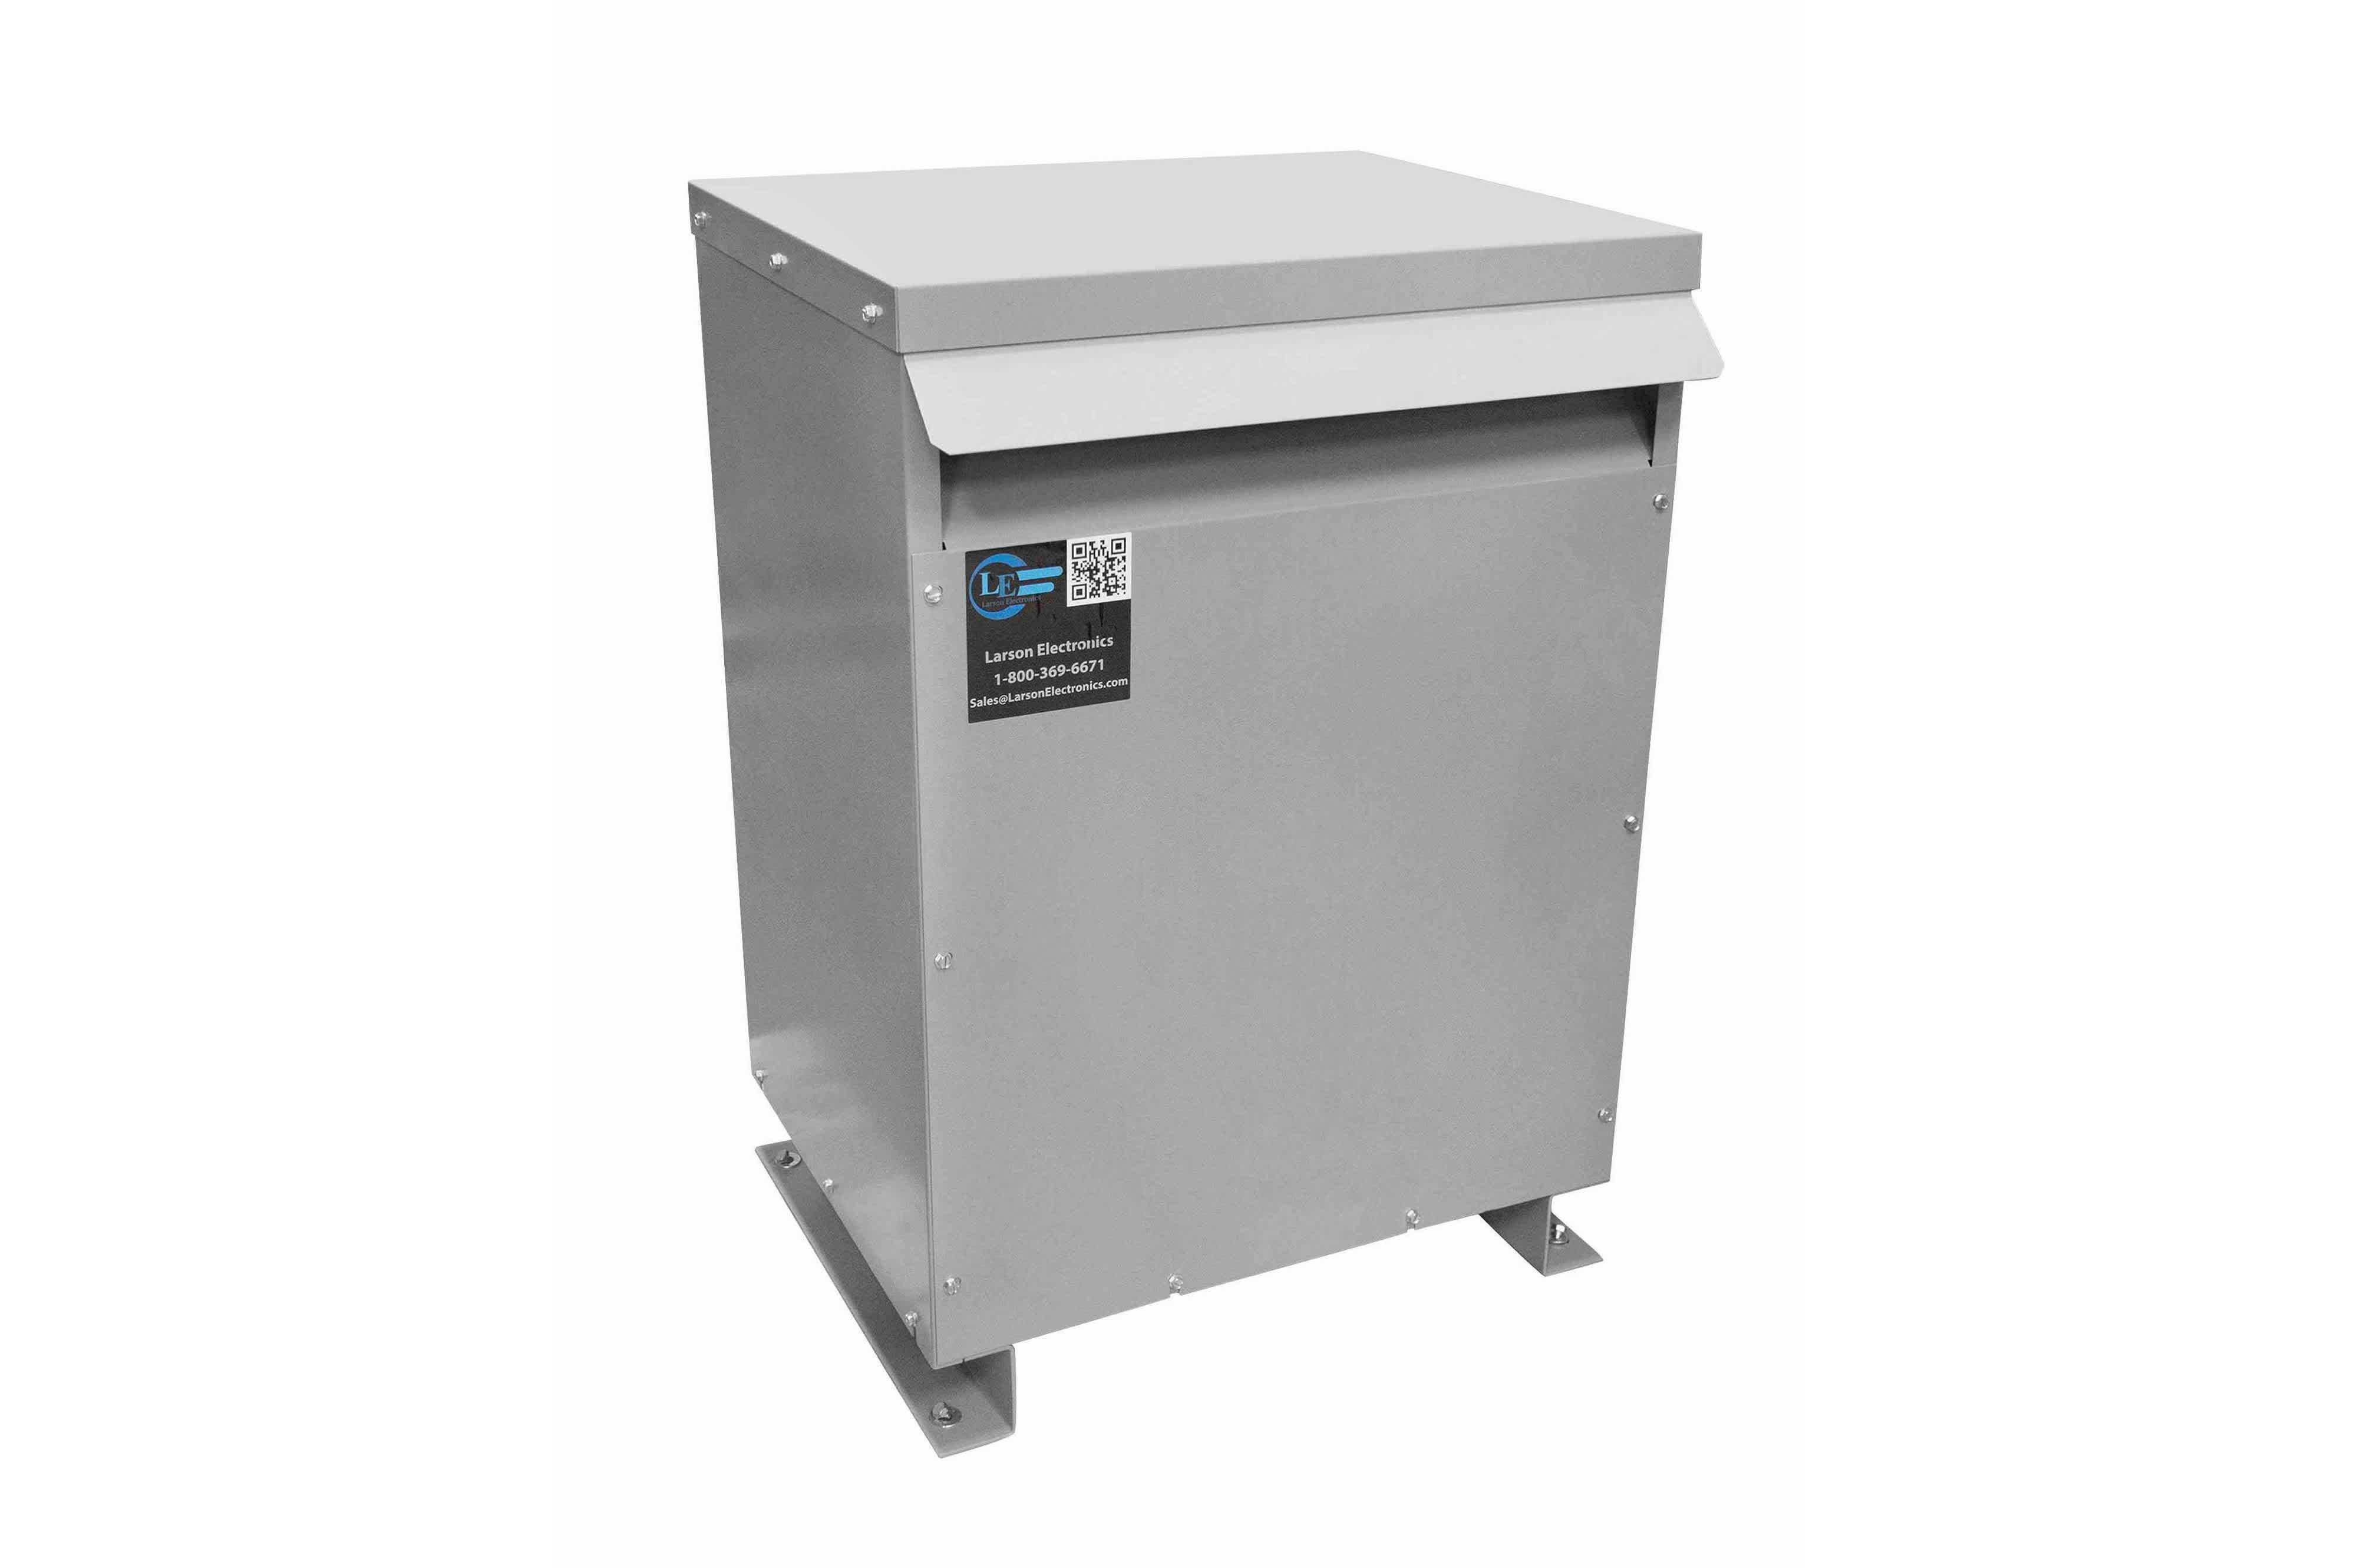 80 kVA 3PH DOE Transformer, 575V Delta Primary, 240V/120 Delta Secondary, N3R, Ventilated, 60 Hz